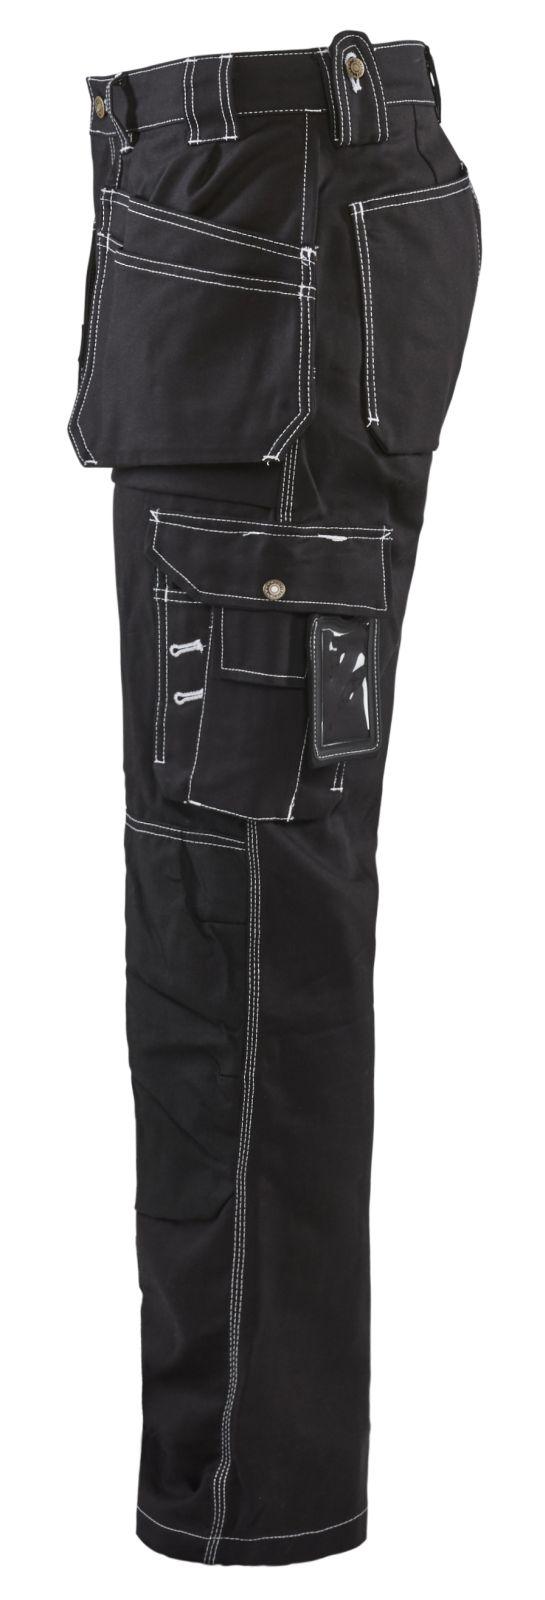 Blaklader Broeken 15301370 zwart(9900)